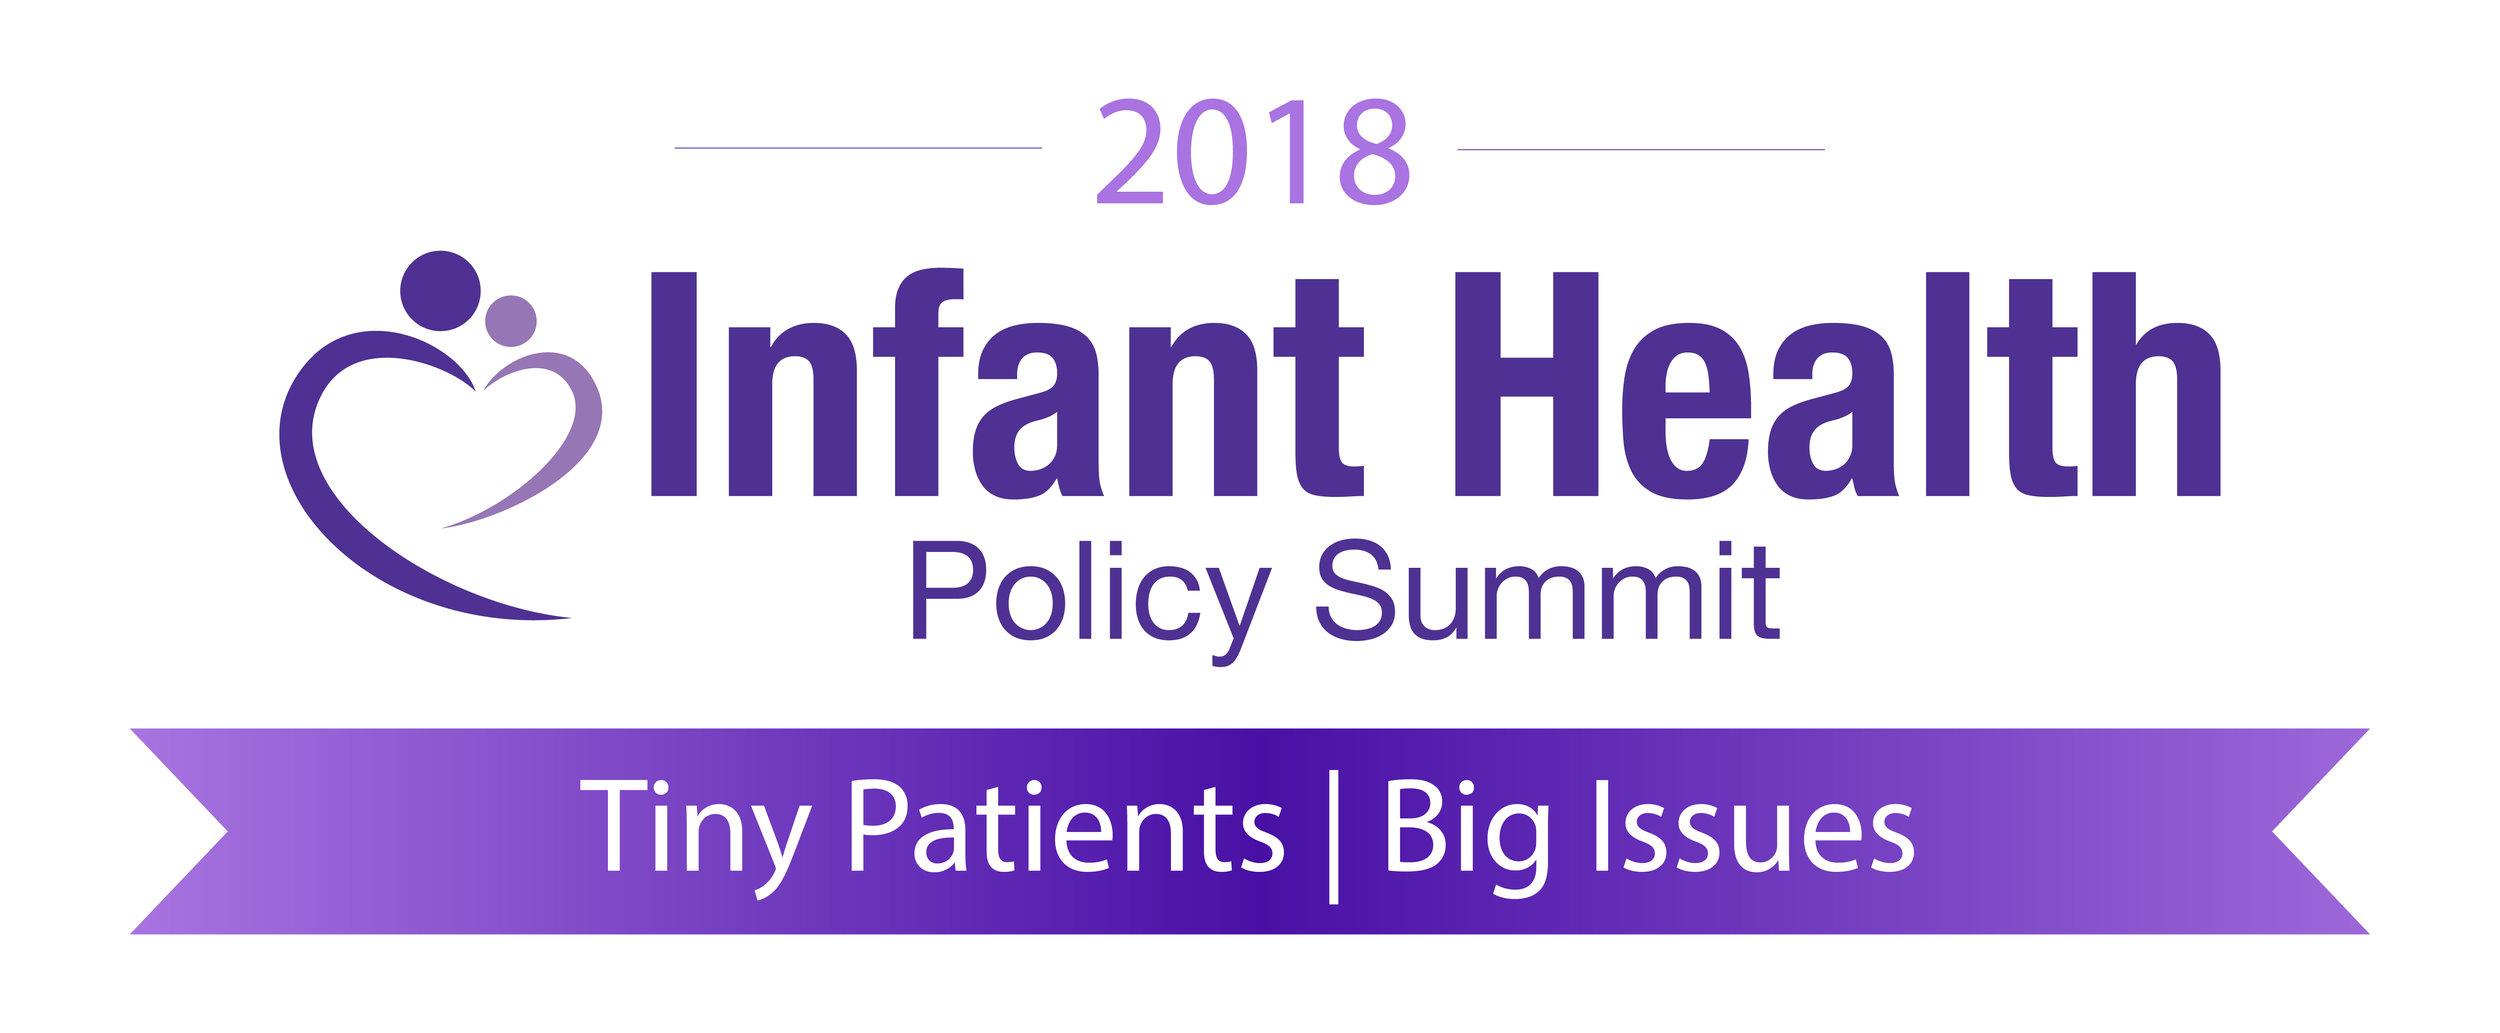 Infant-health-logo-01.jpg